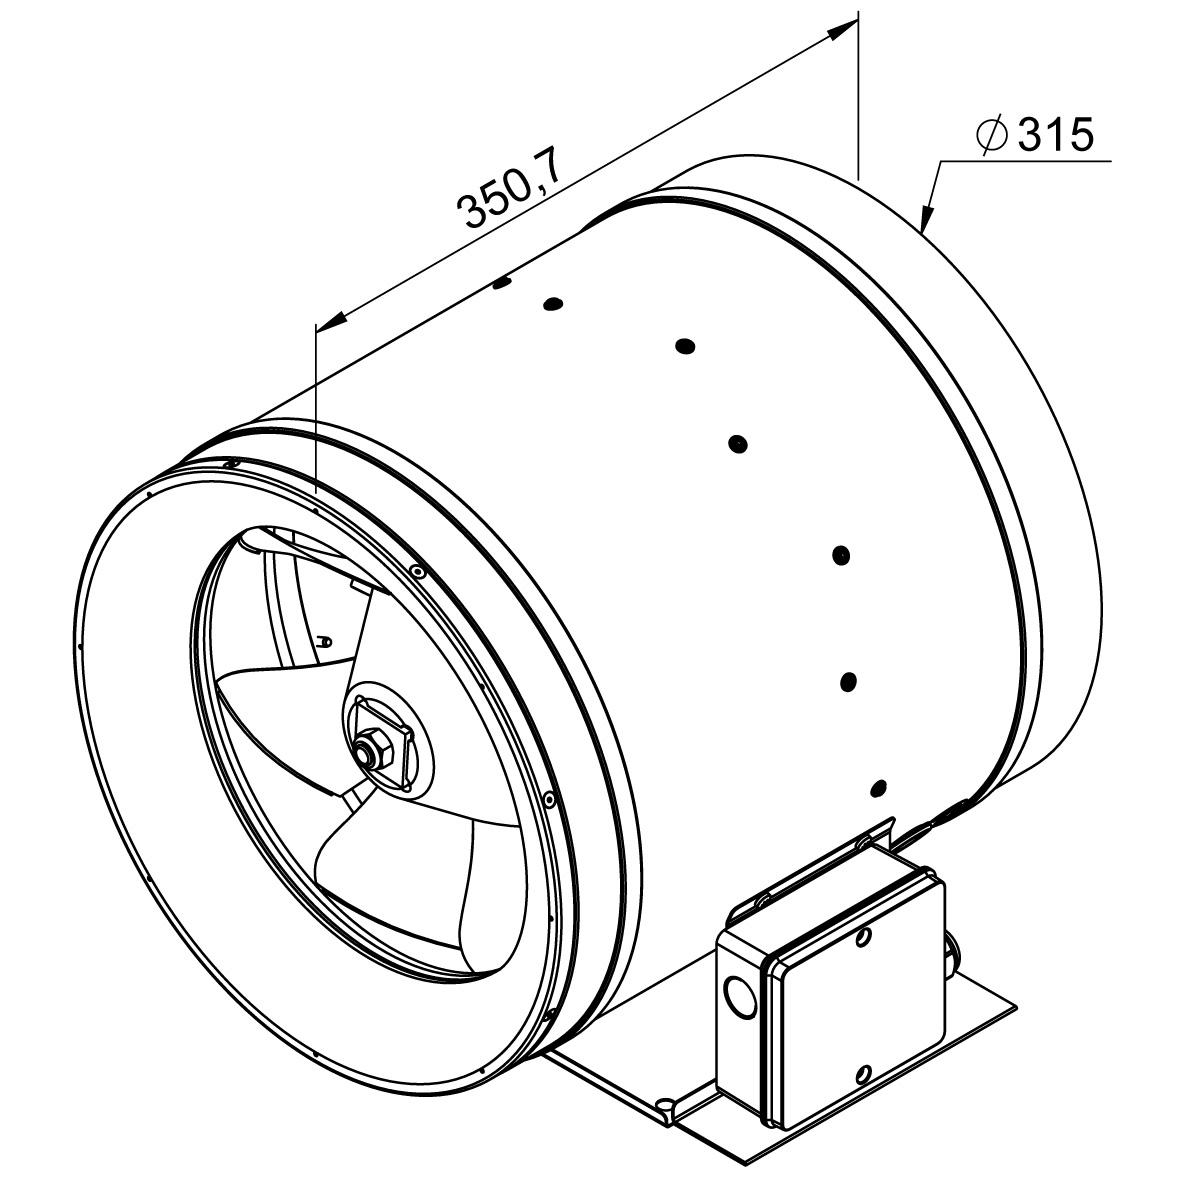 Габаритные размеры канального вентилятора Ruck EL 315 E2 01